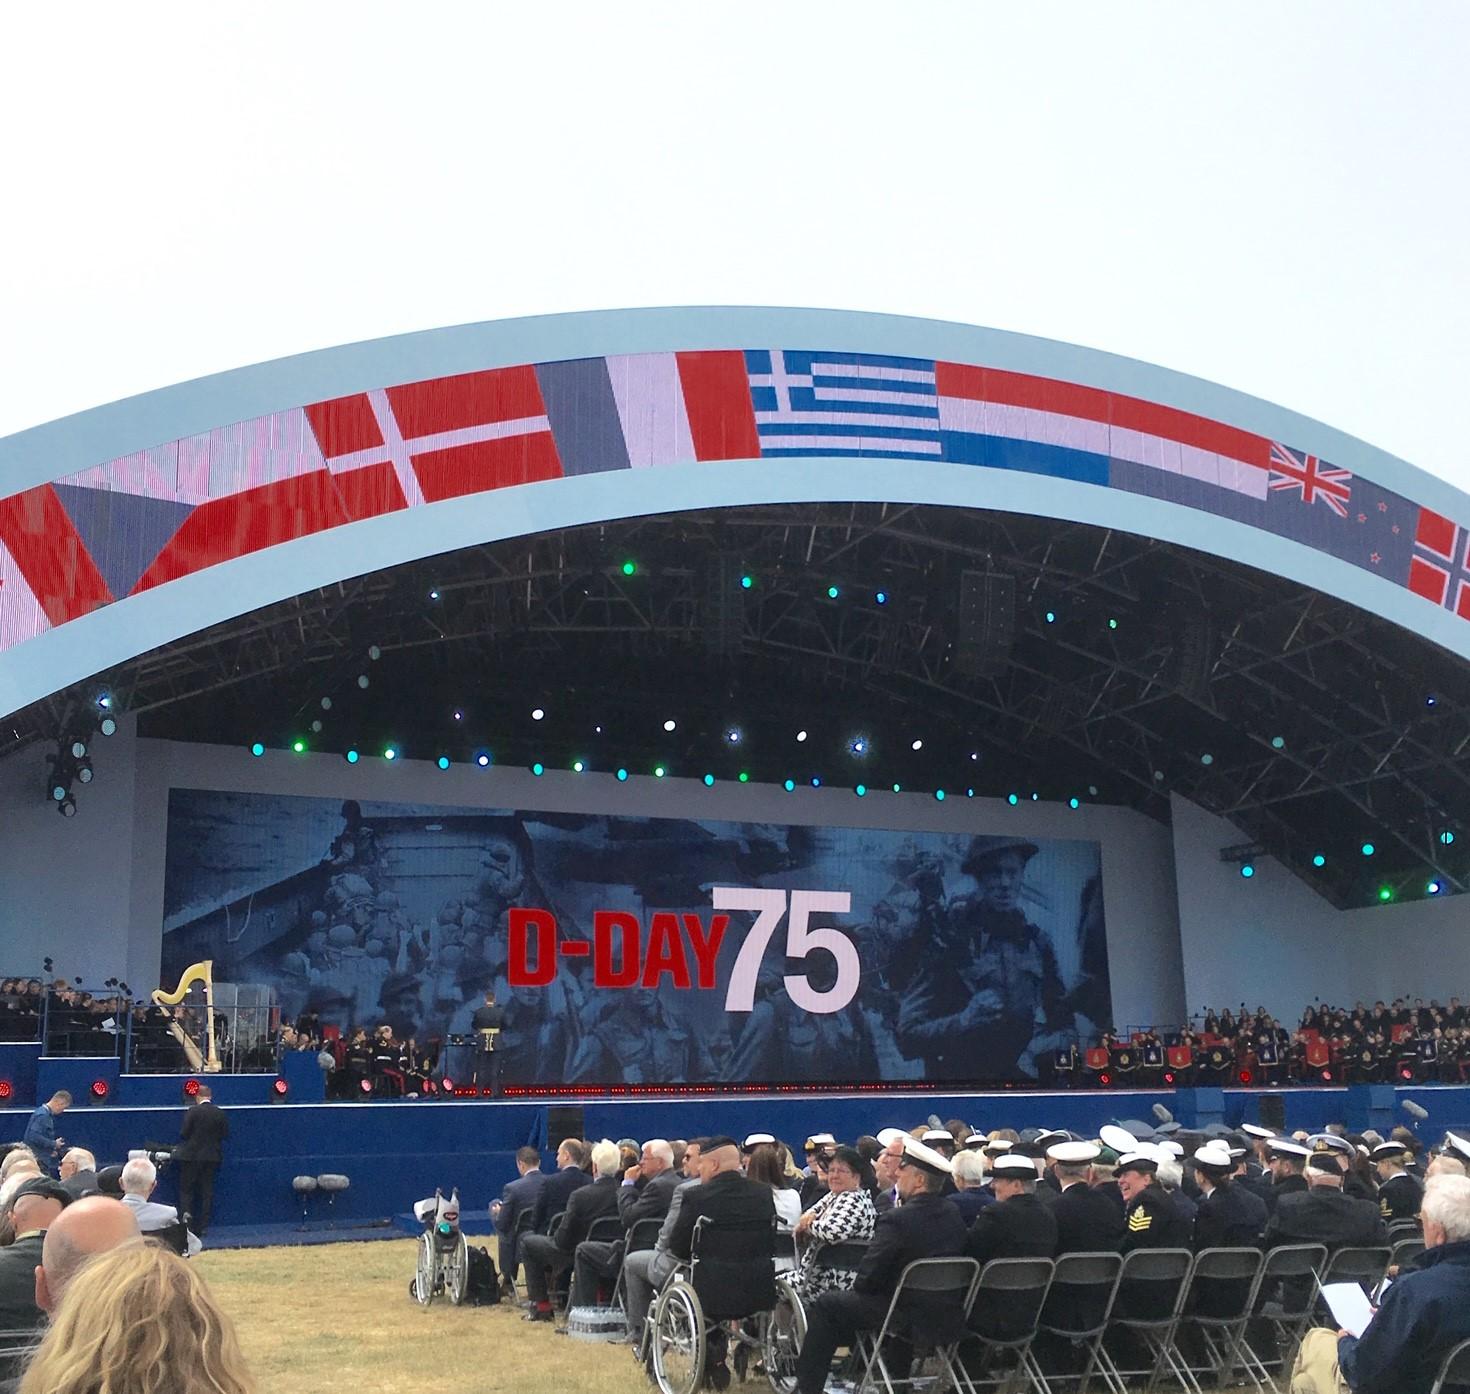 75th Anniversary of D-Day Commemorations in the UK / Commémorations du 75ème anniversaire du débarquement au Royaume-Uni